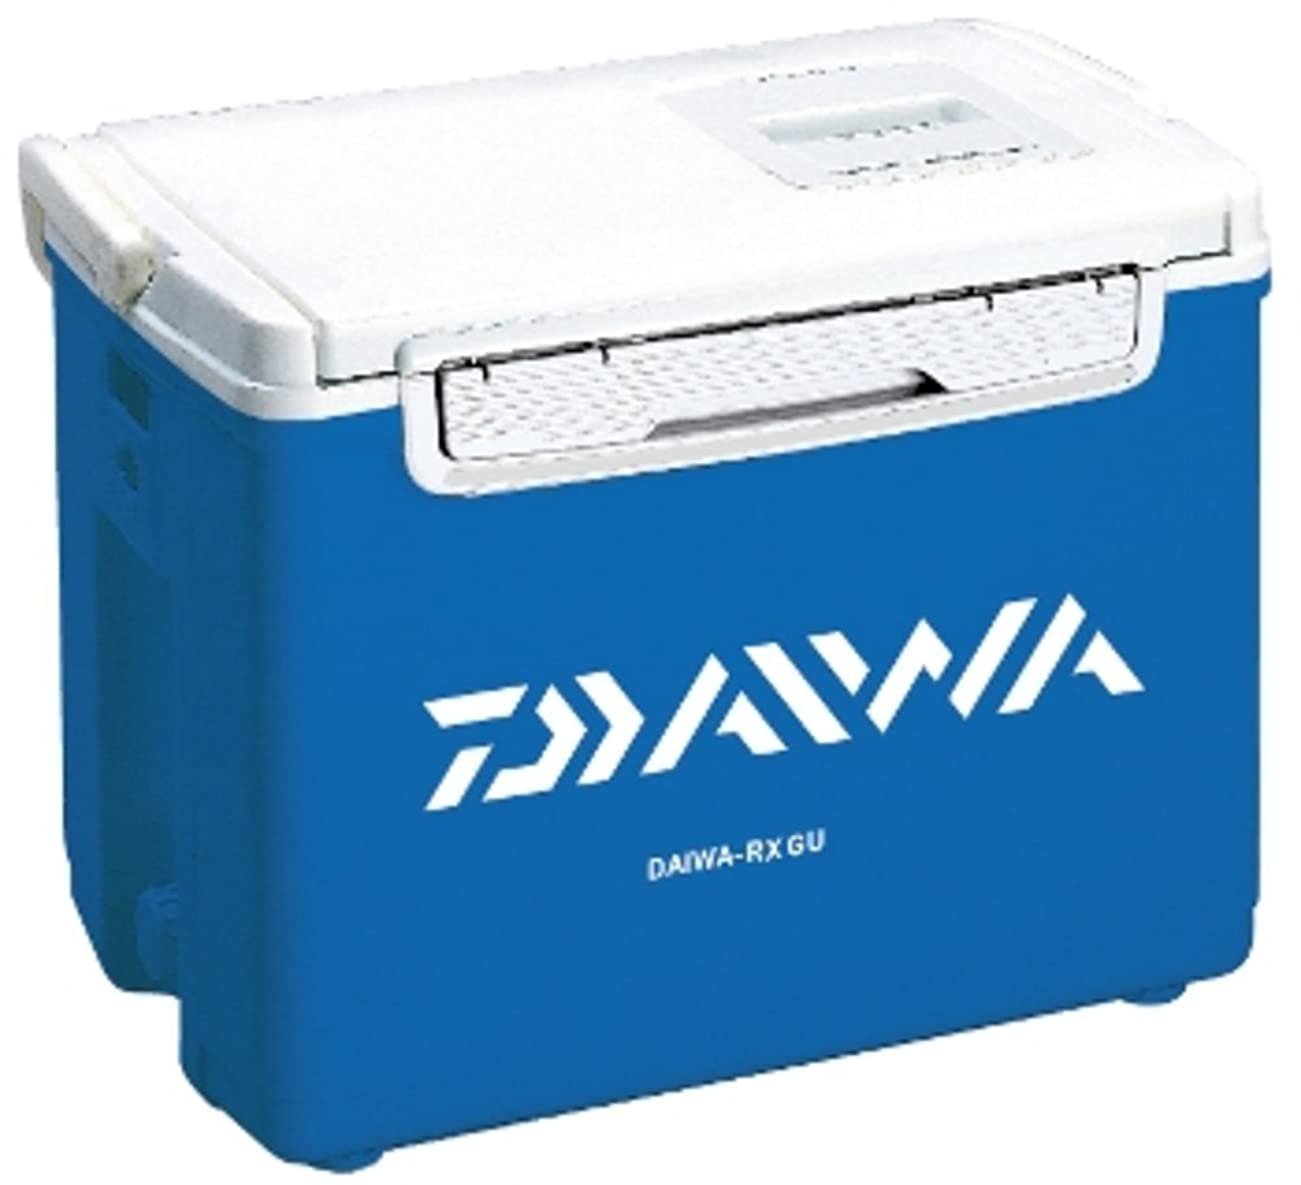 ドリンク露今までダイワ(Daiwa) クーラーボックス 釣り RX GU X 2600X